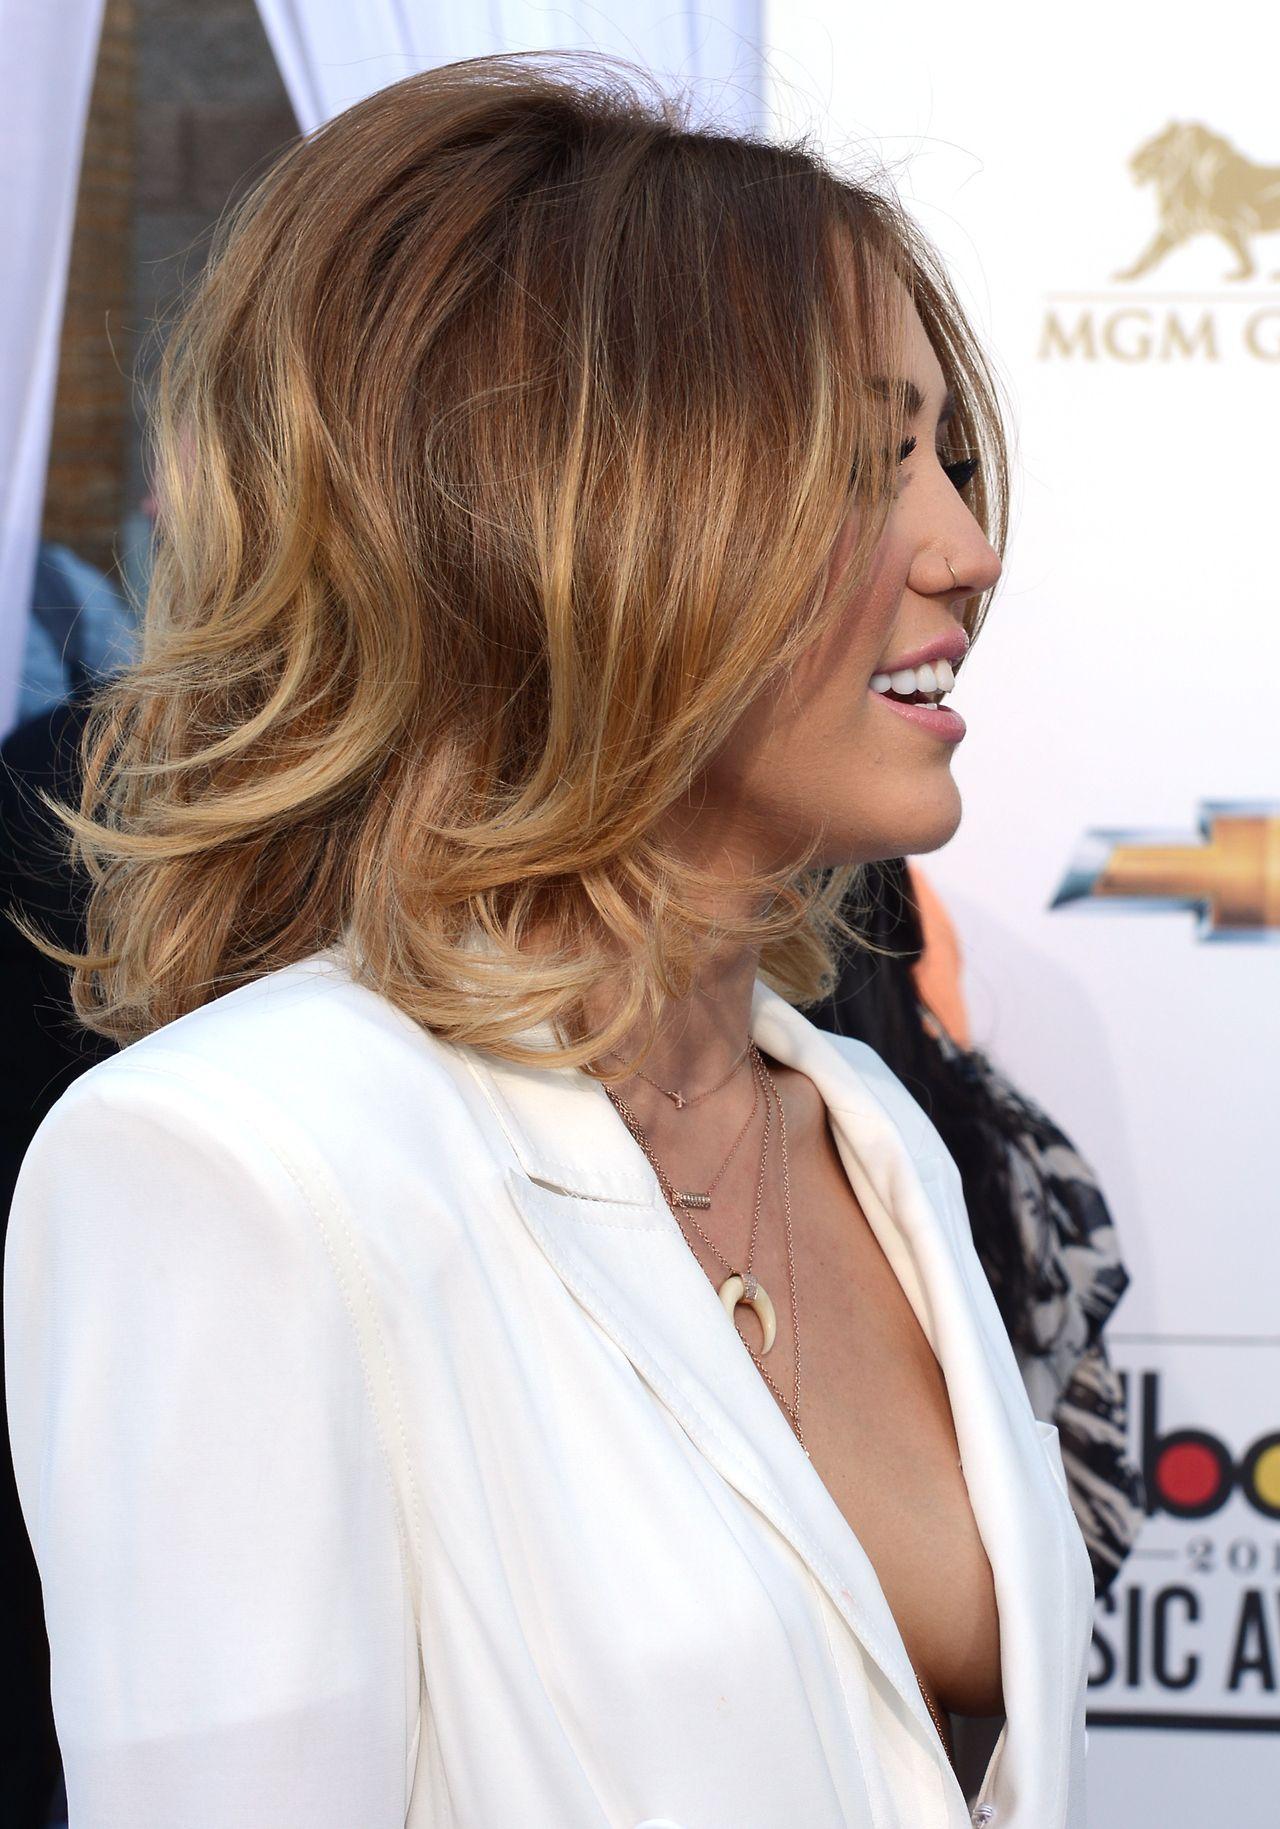 Miley Cyrus People Hair Short